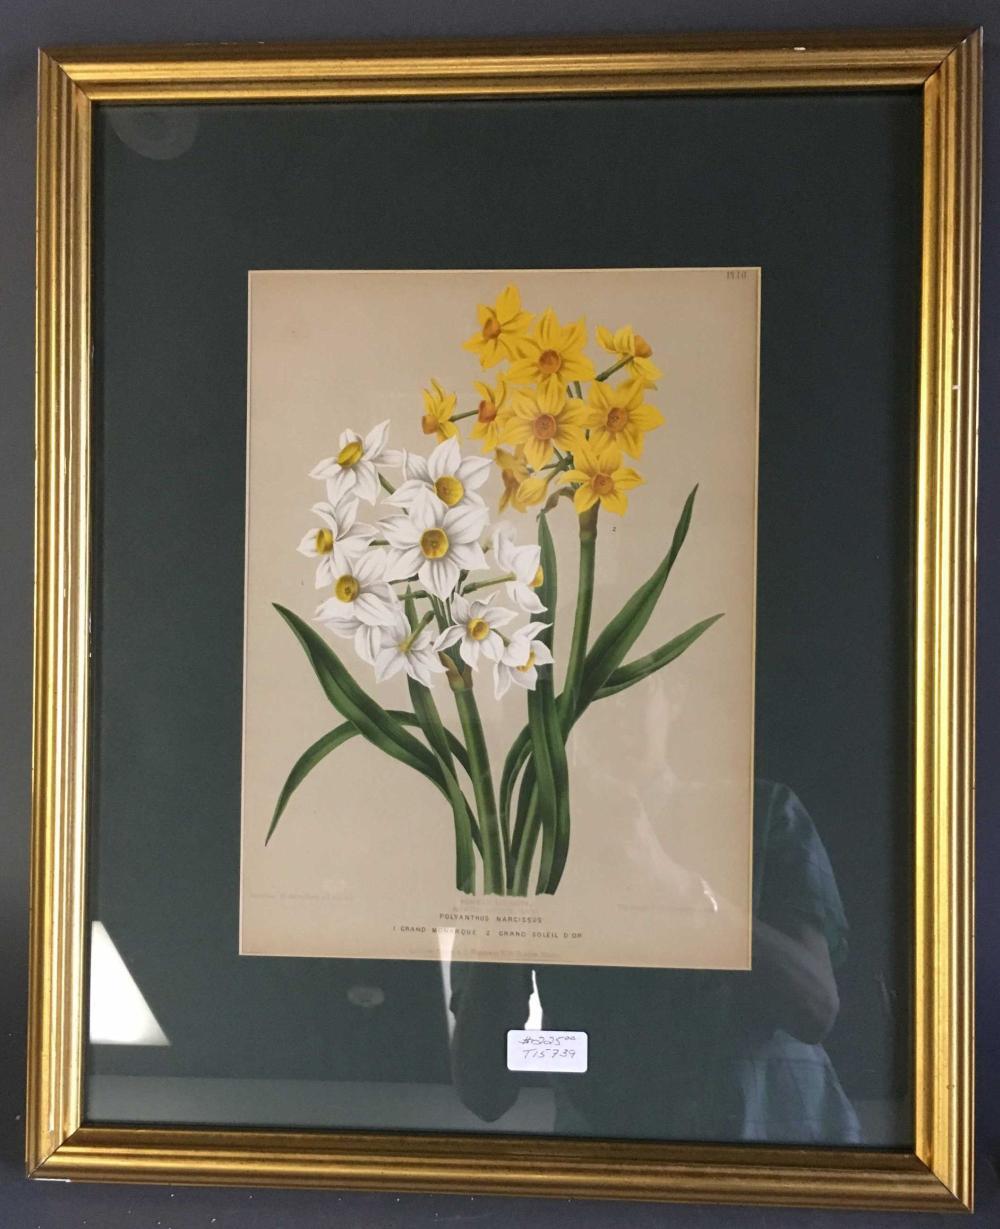 2 framed chromolithographs of flowers